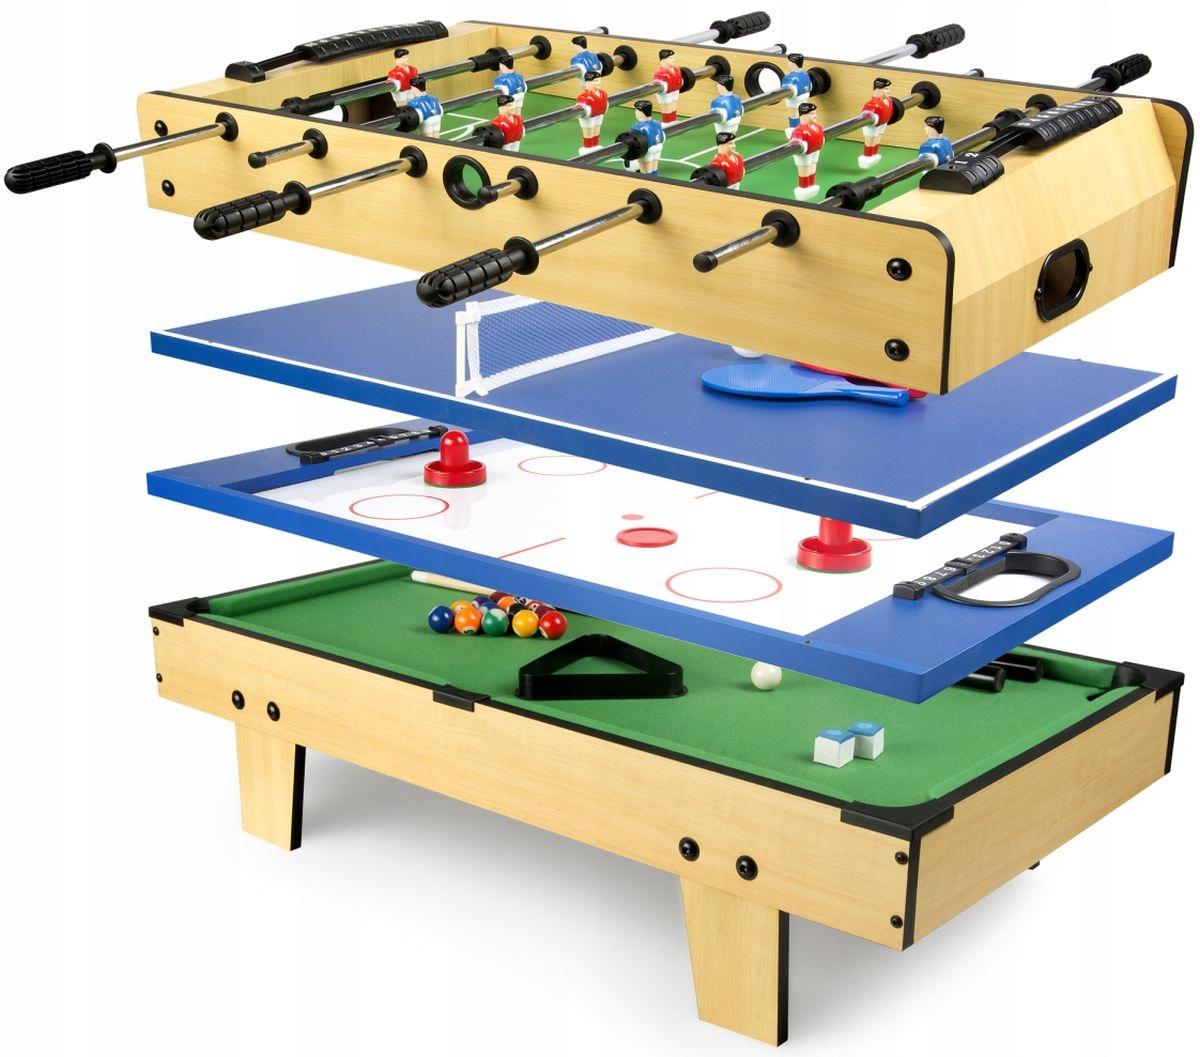 Multi stół для gier 4w1 Piłkarz Tenis Bilard Hokej